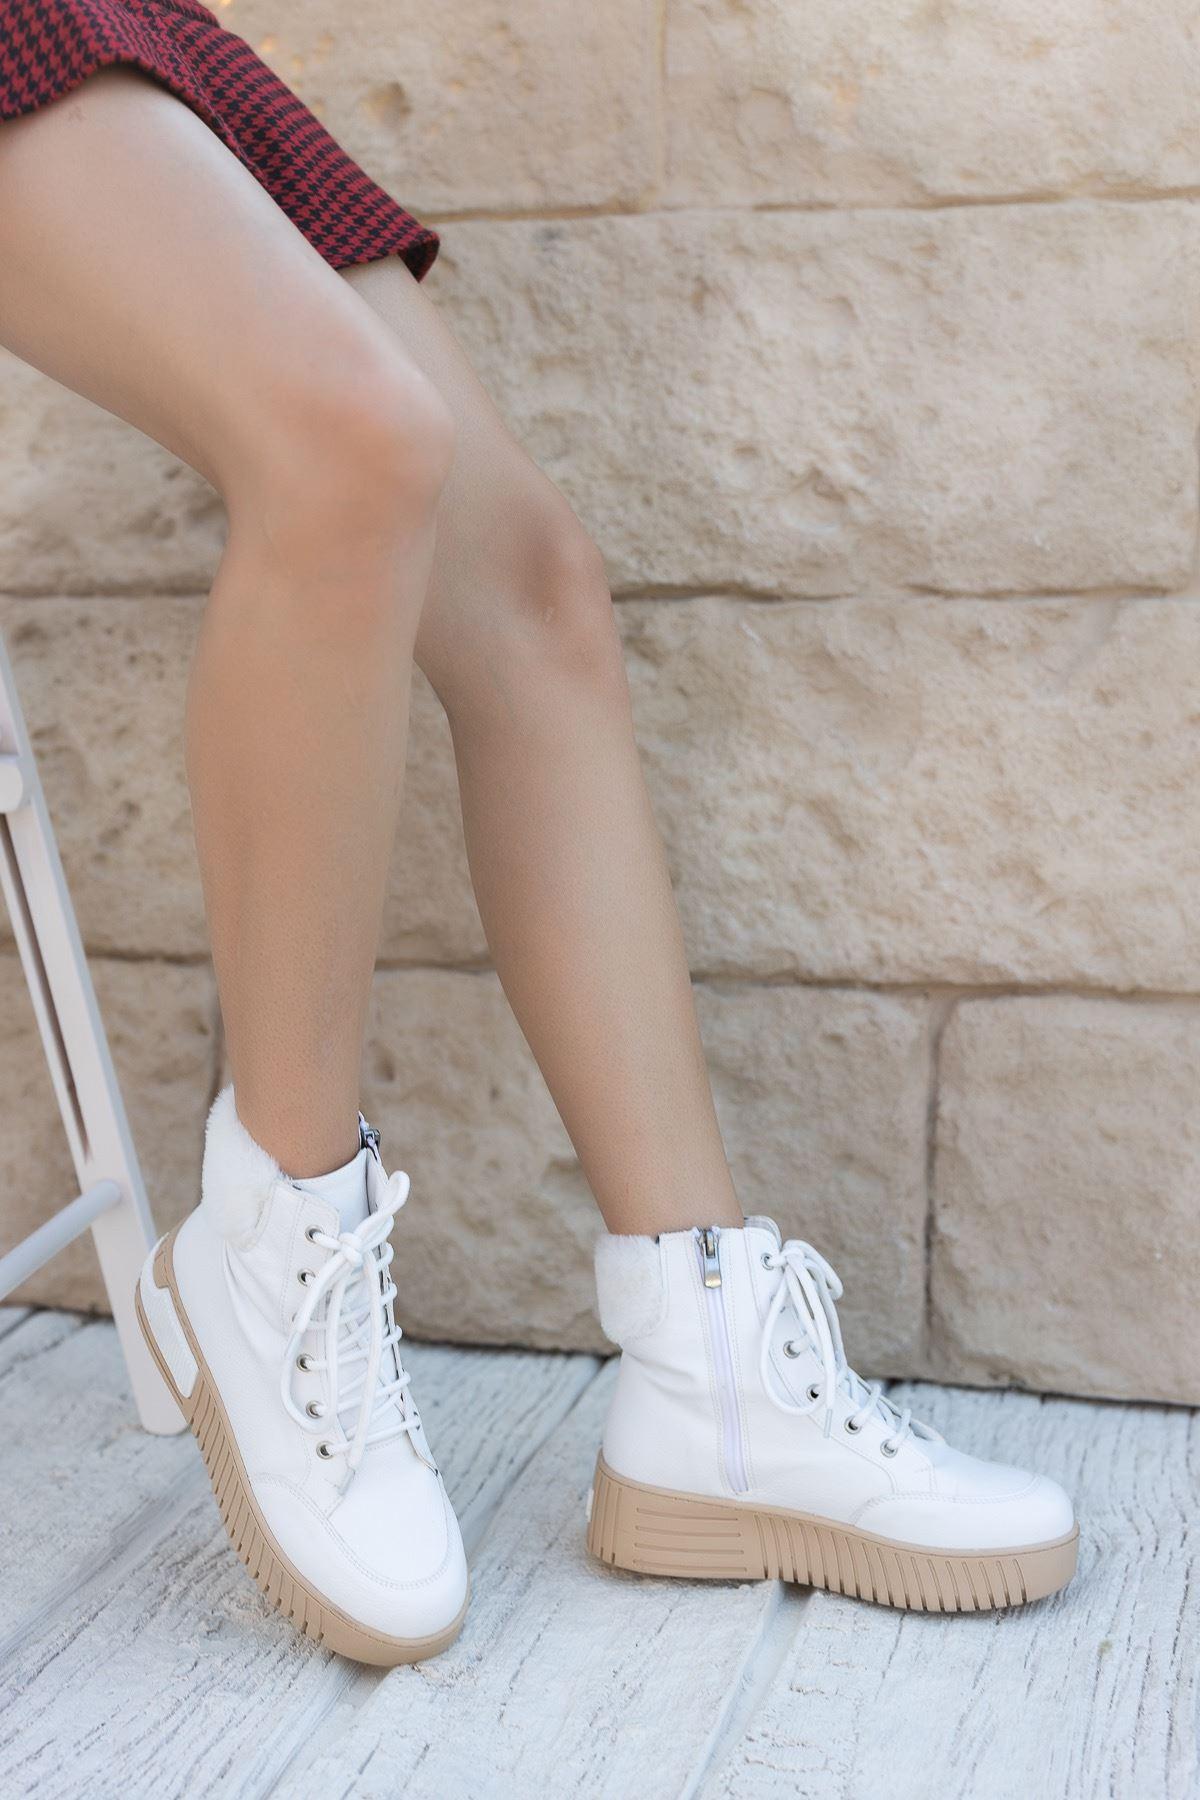 Kadın Valdes Kürk Detaylı Kalın Taban Beyaz Bot Mat Deri